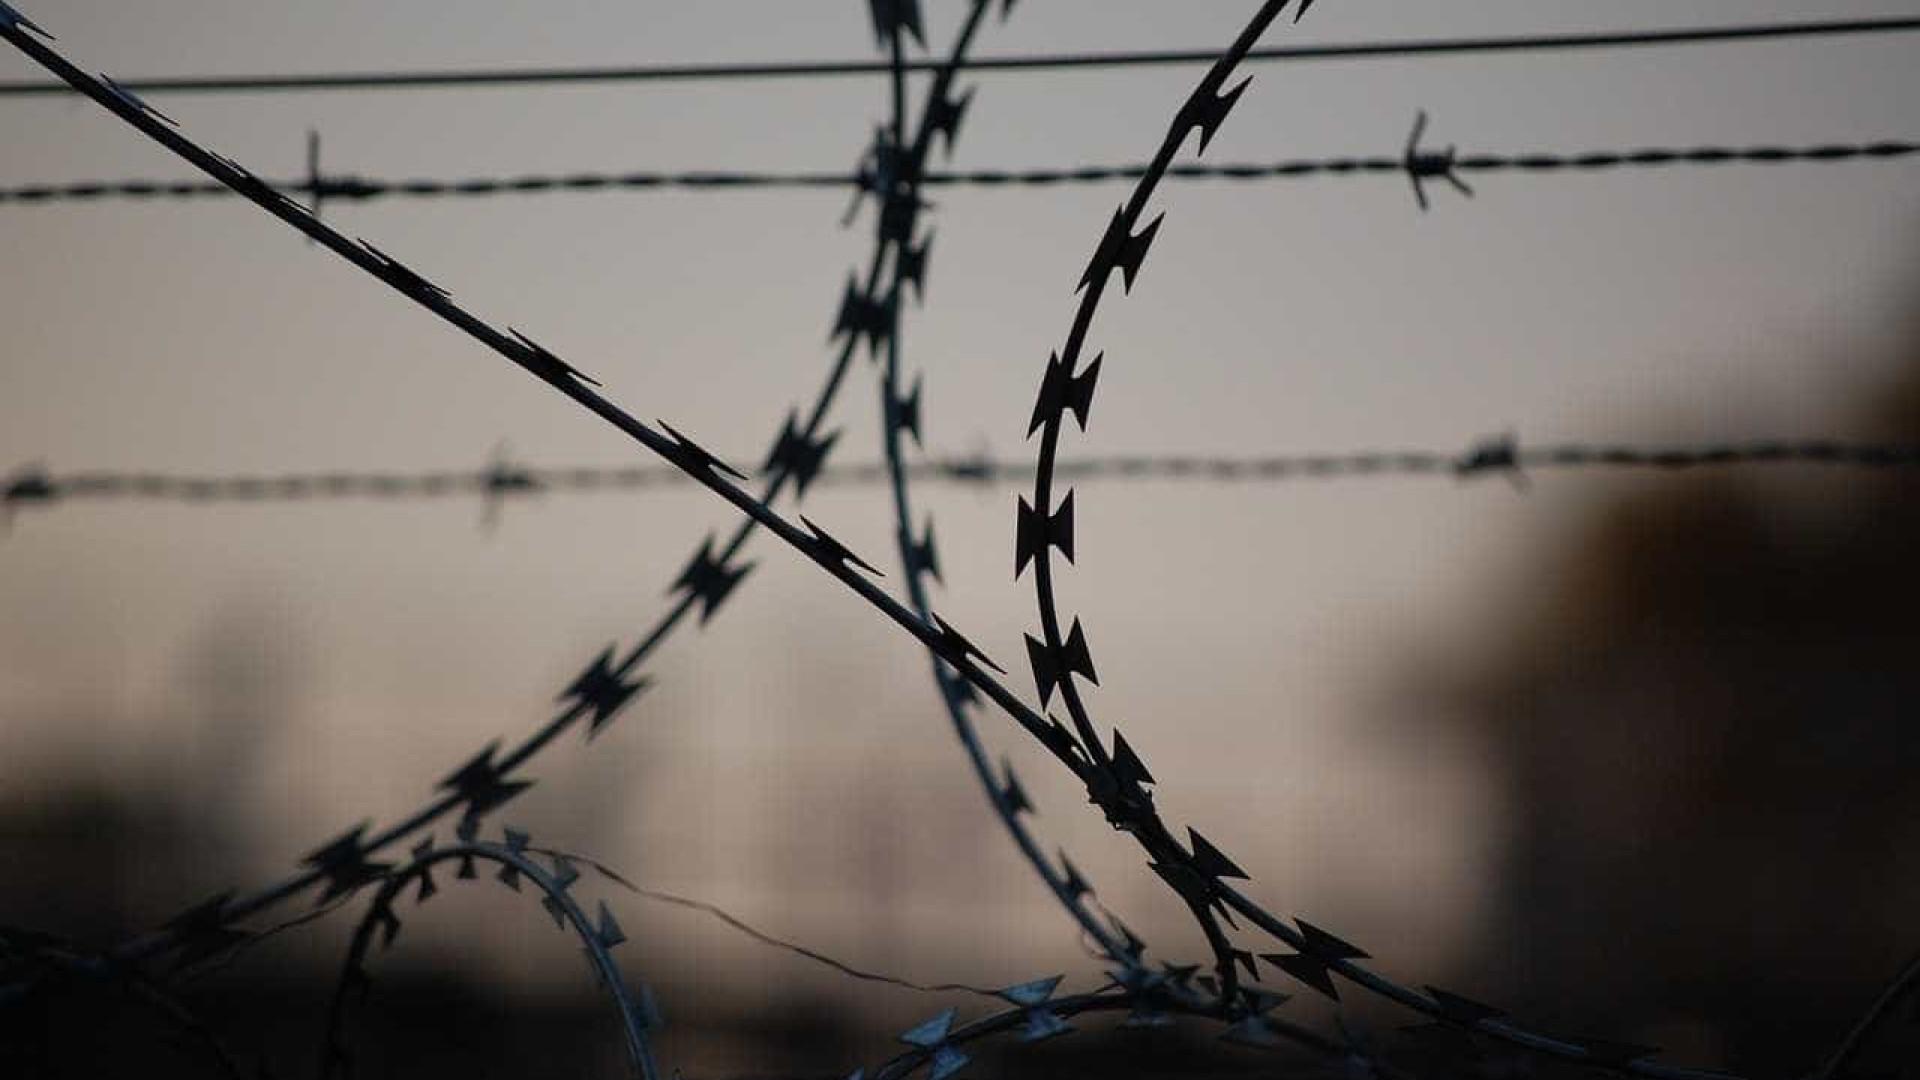 Polícia prende oito acusados de estupros em Minas Gerais